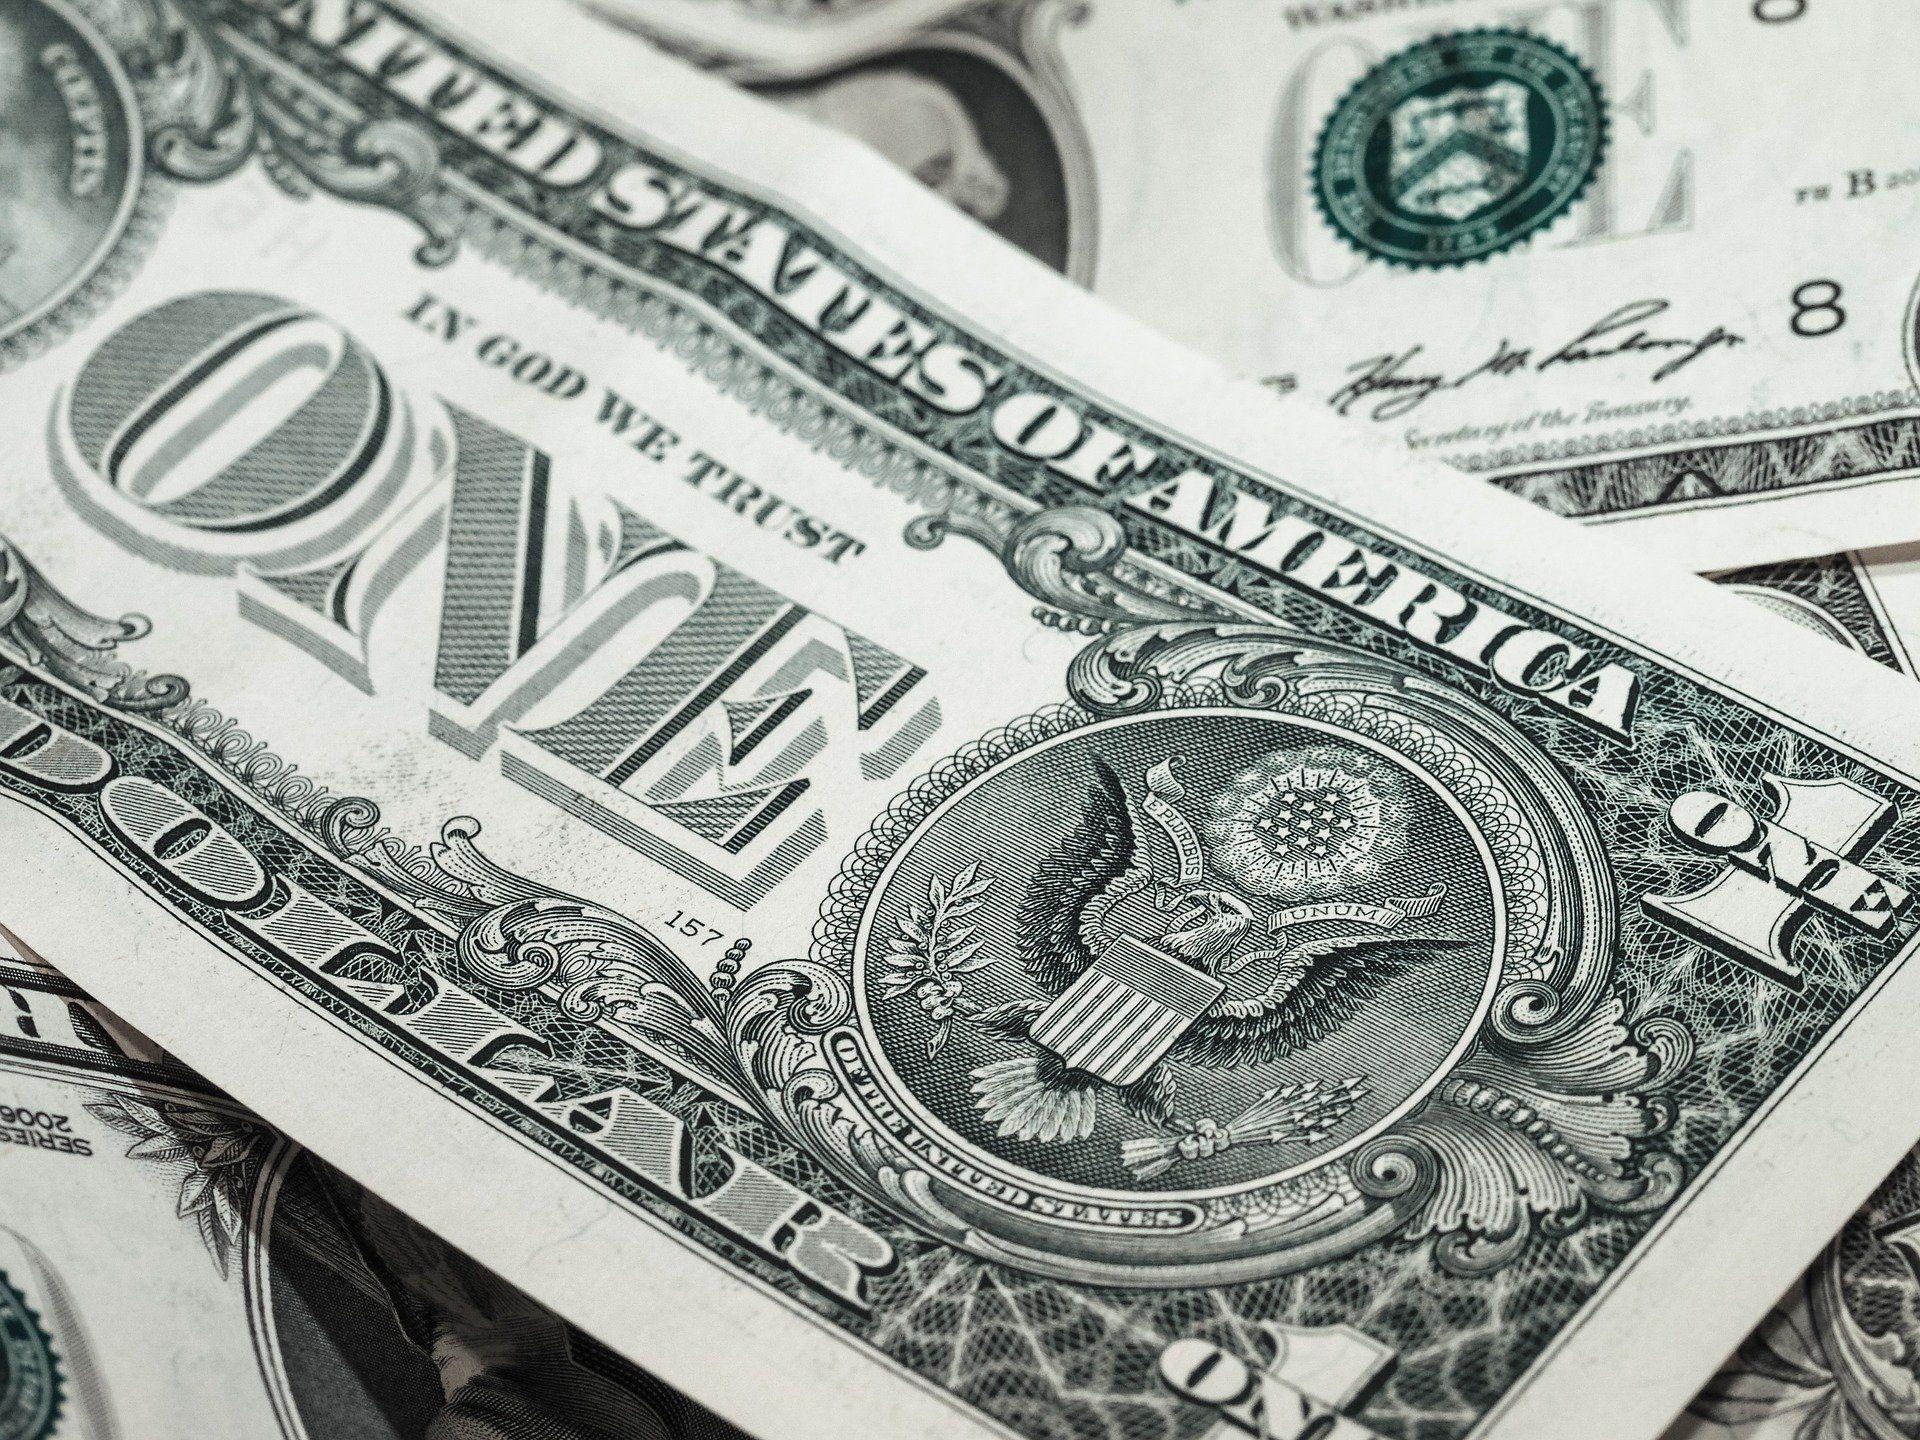 dolar hoy: a cuanto cotiza este jueves 26 de agosto